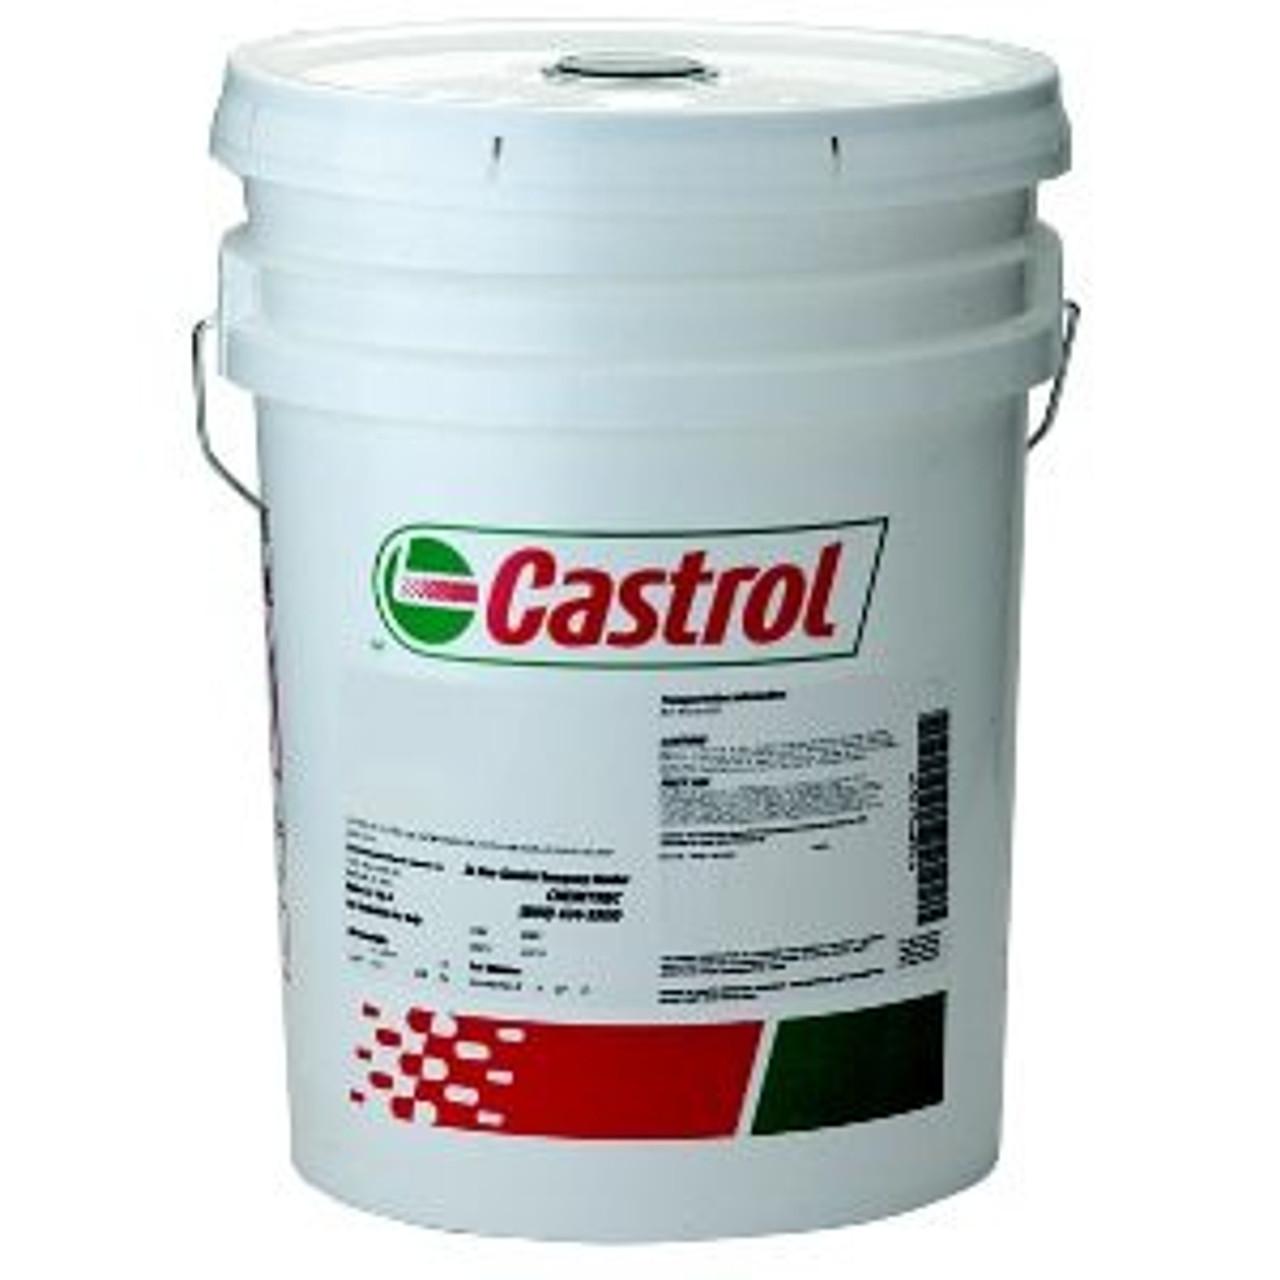 Castrol Optigear  BM 460 Mineral Gear Oil 35 Lb Pail